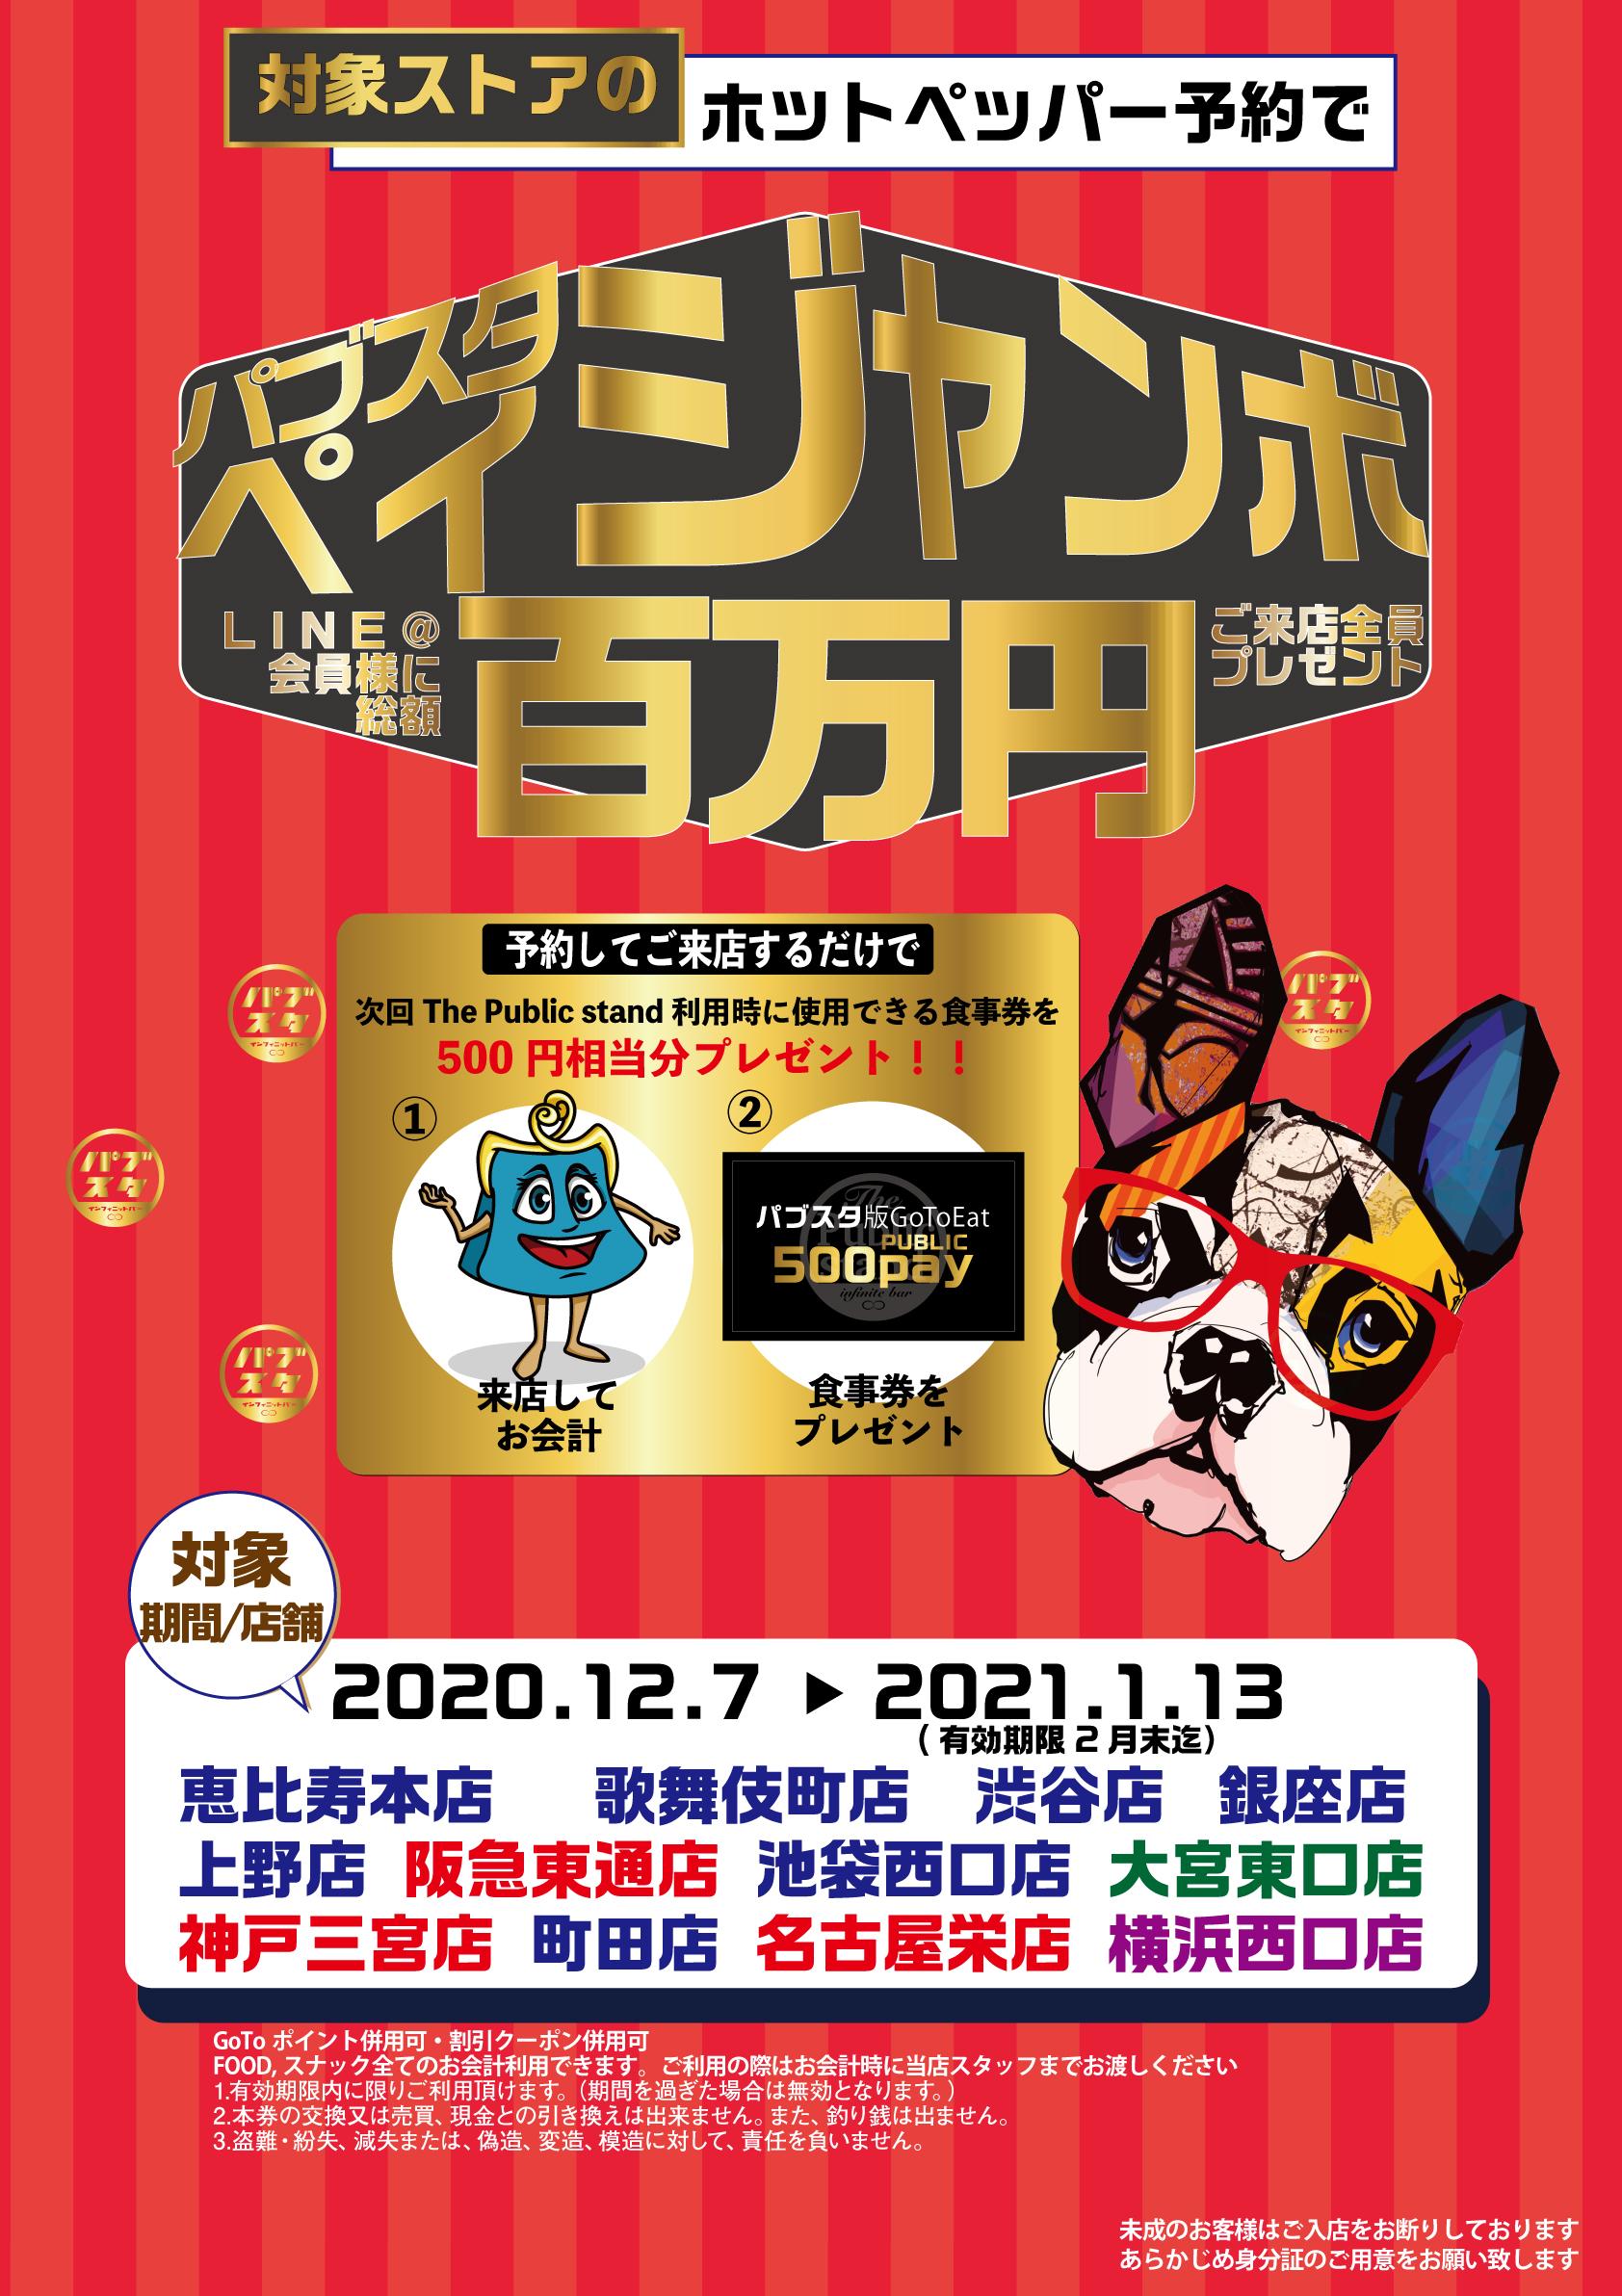 『パブスタ限定のGo To Eat !』予約してご来店いただくと次回使える500円分のお食事券がもらえる!